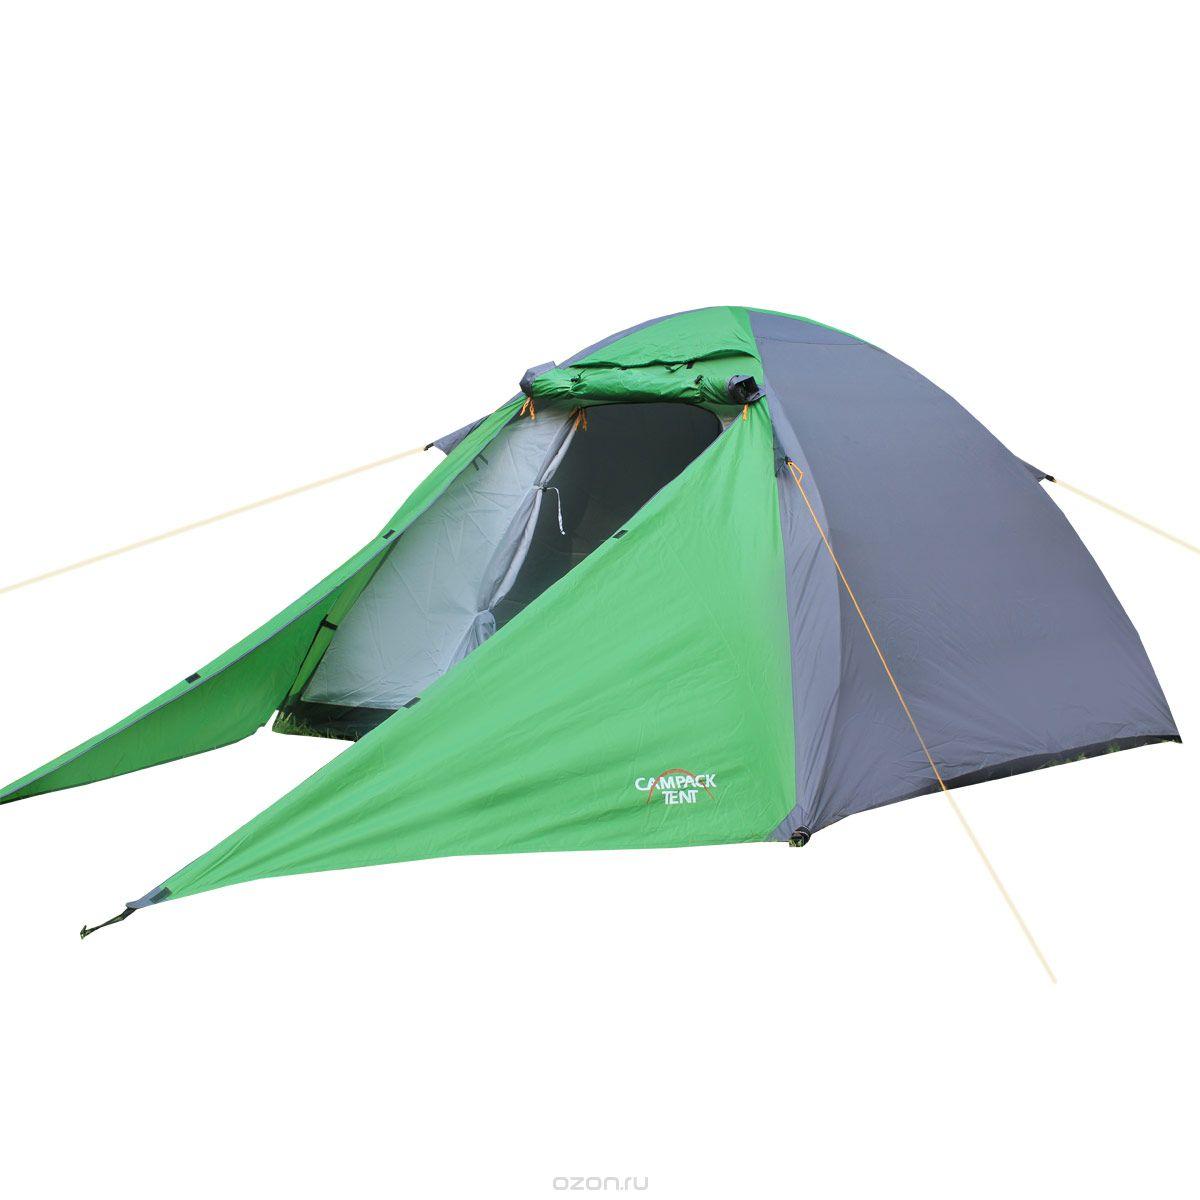 Палатка туристическая CAMPACK-TENT Forest Explorer Палатки<br>Универсальная купольная палатка для несложных <br>походов и семейного отдыха на при- роде. <br>Высокопрочное дно изготовлено из армированного <br>полиэтилена, не пропускает влагу и устойчиво <br>к истиранию. Каркас, изготовленный из фибергласса, <br>обеспечивает надежность и устойчивость. <br>Палатка оснащена увеличенными вентиляционными <br>ок- нами, клапаном от косого дождя и двухслойной <br>дверью с цветными молниями. Допол- нительный <br>пол в тамбуре позволяет обеспечить больший <br>комфорт при эксплуатации. Внутри палатки <br>имеется подвеска для фонаря и карманы для <br>хранения мелочей. Про- клеенные швы гарантируют <br>герметичность и надежность в любой ситуации. <br>Ткань тента:190T P. Taffeta PU 3000MM Ткань палатки:170T <br>P. Taffeta + MESH Ткань дна:Tarpauling Вес: 3,9 кг Диаметр <br>дуг: 8,5 мм Ремнабор: Самоклеющиеся заплатки <br>100 х 100 мм из ткани 190T P. Taffeta PU 3000MM<br>